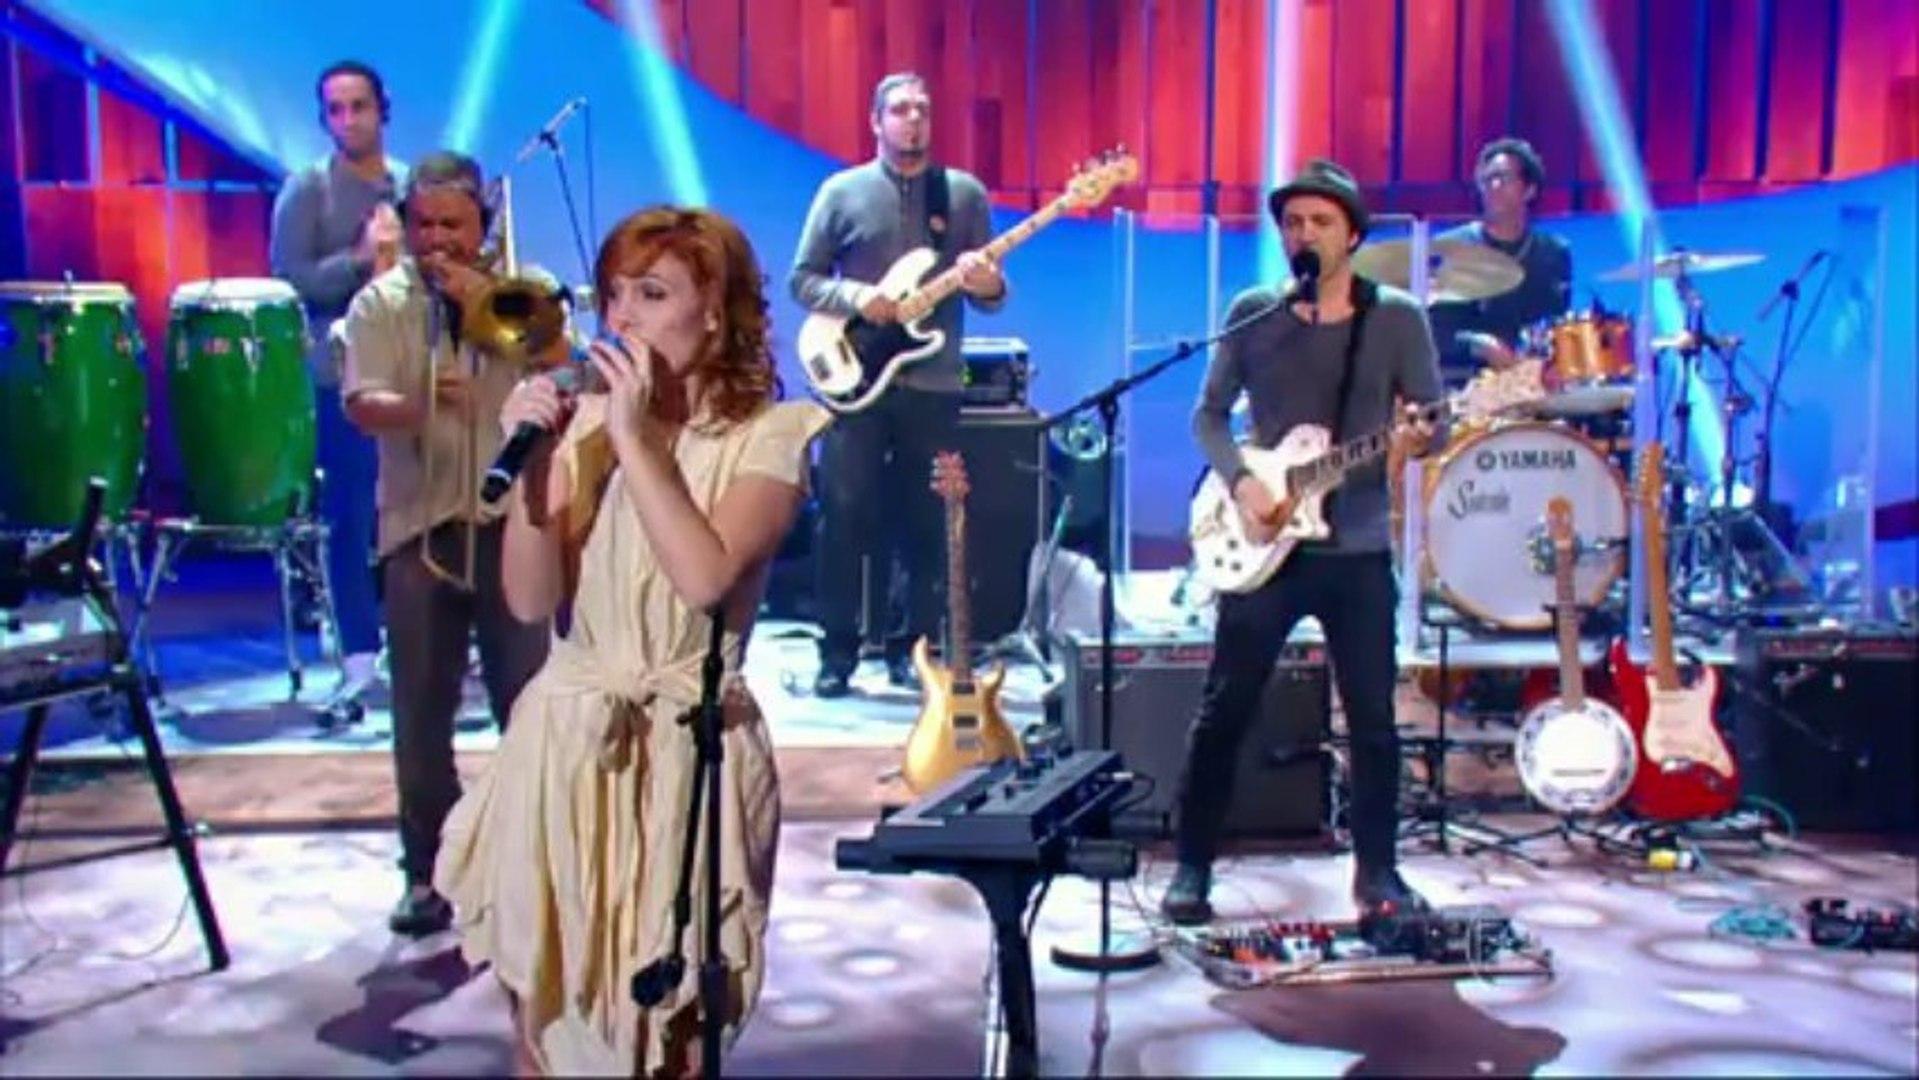 Som Brasil (HD) 29.11.2013 Novos Talentos